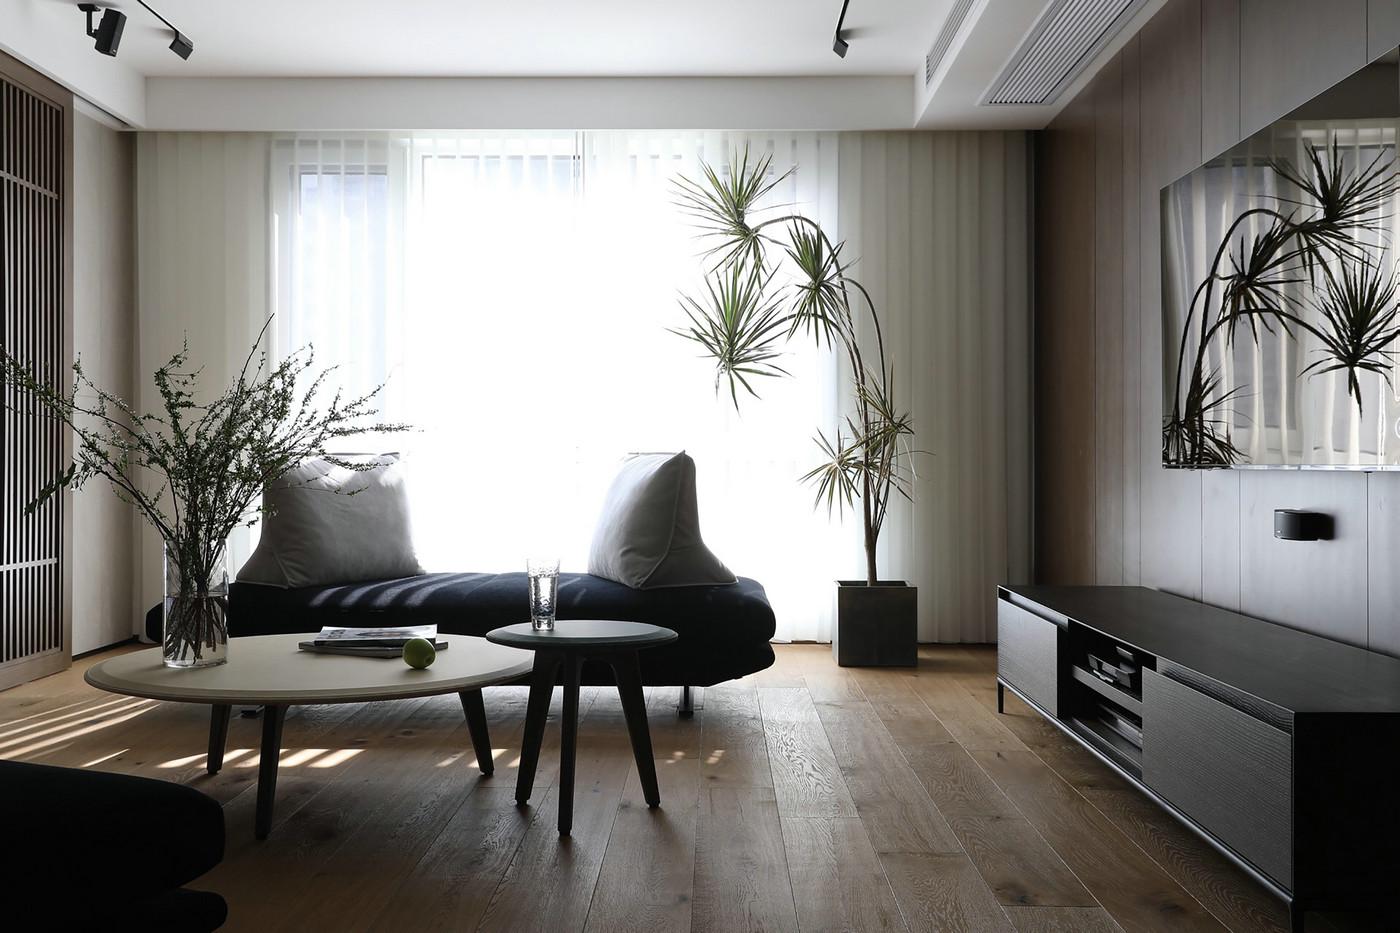 阳台家具摆件不多,巧用绿植进行装饰点缀,营造休闲自在的氛围感。